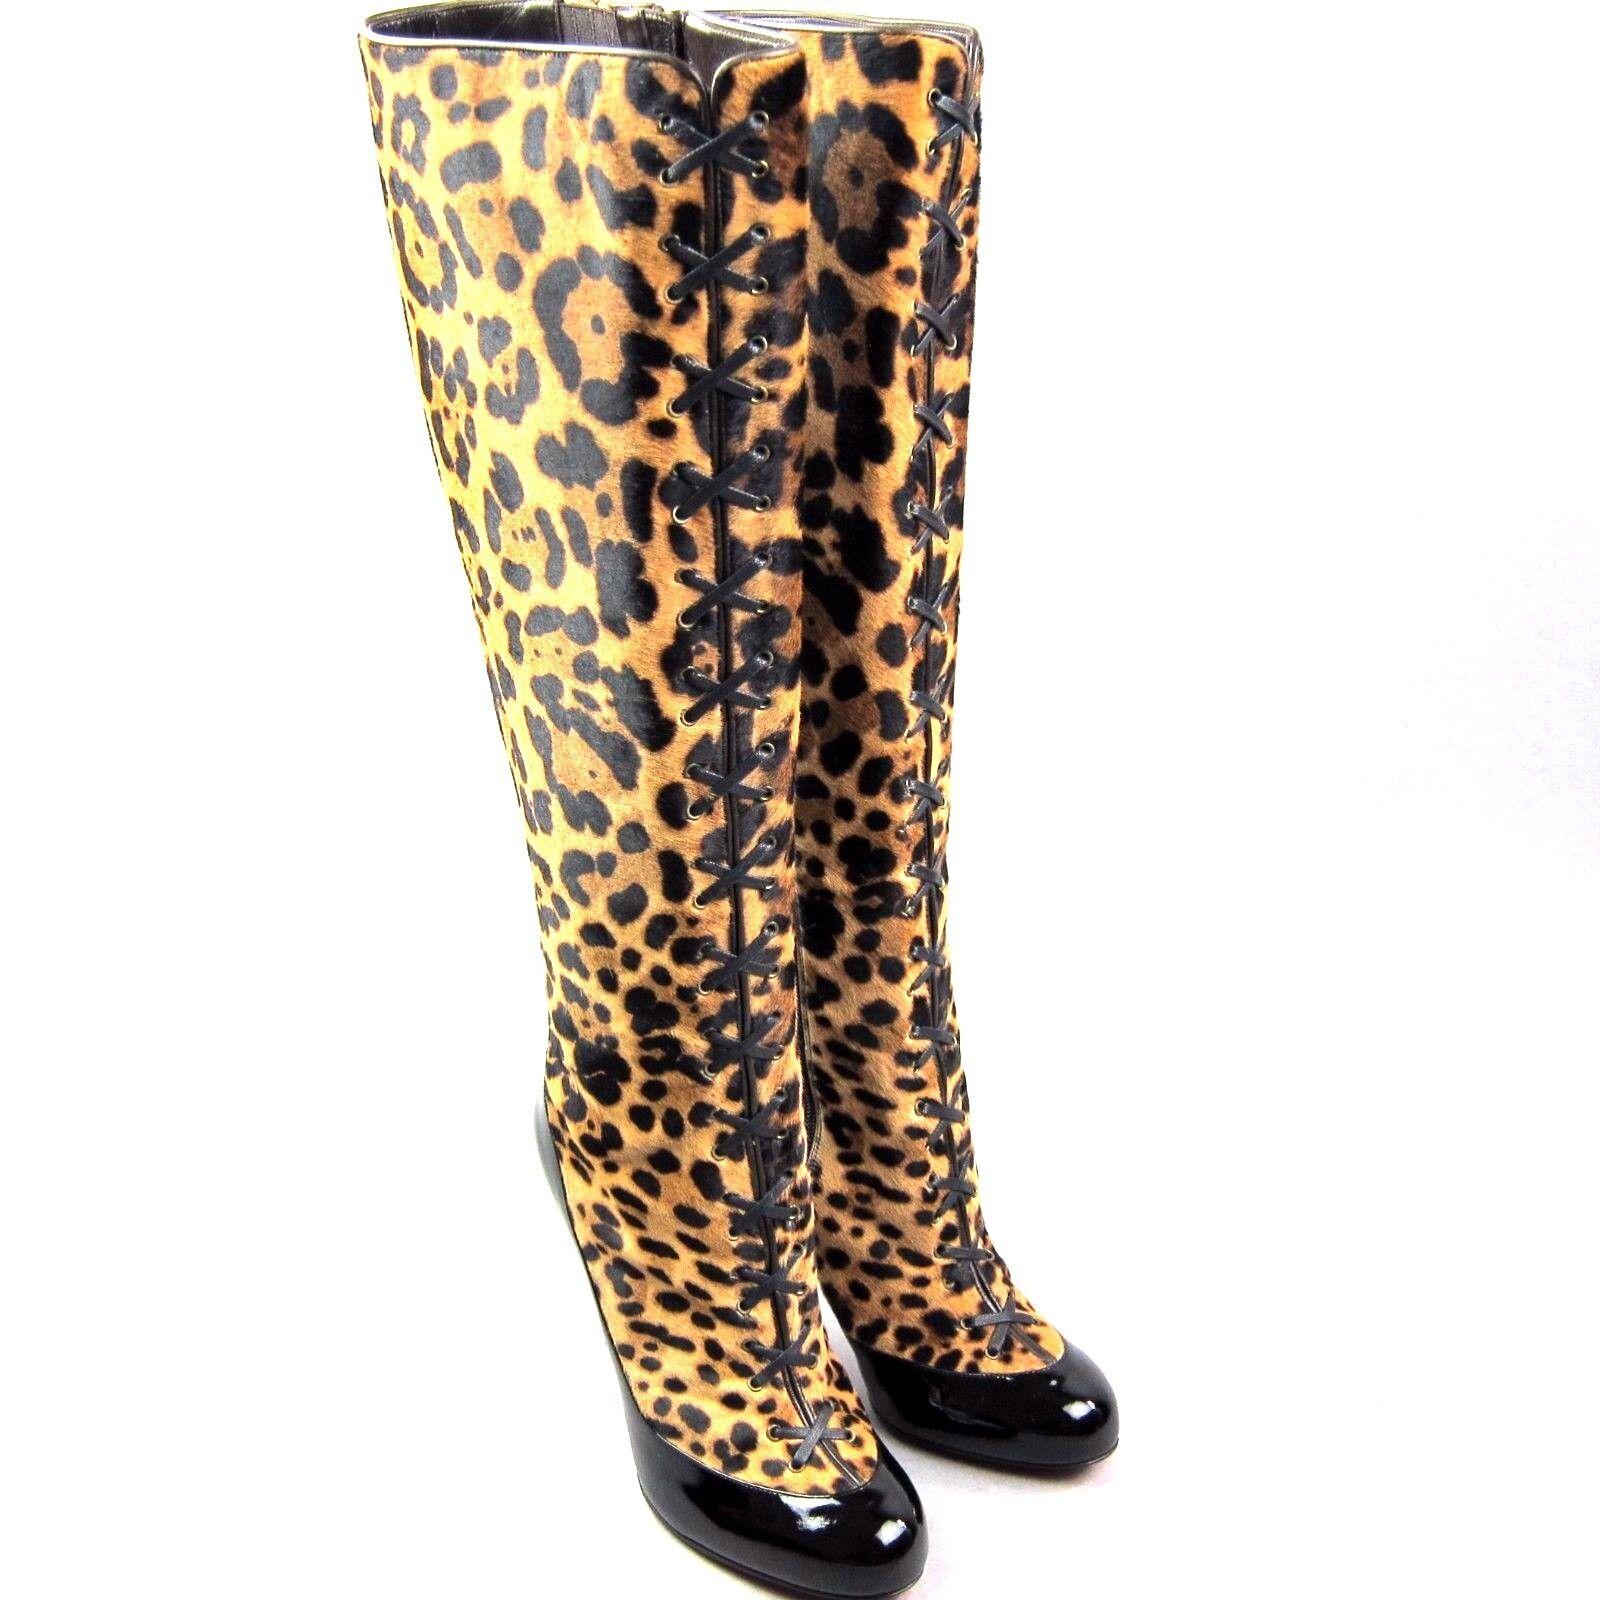 Cómodo y bien parecido Grandes zapatos con descuento kk-cl80450 nuevo christian louboutin Gwendoline Leopardo PONY Botas 100 size 38